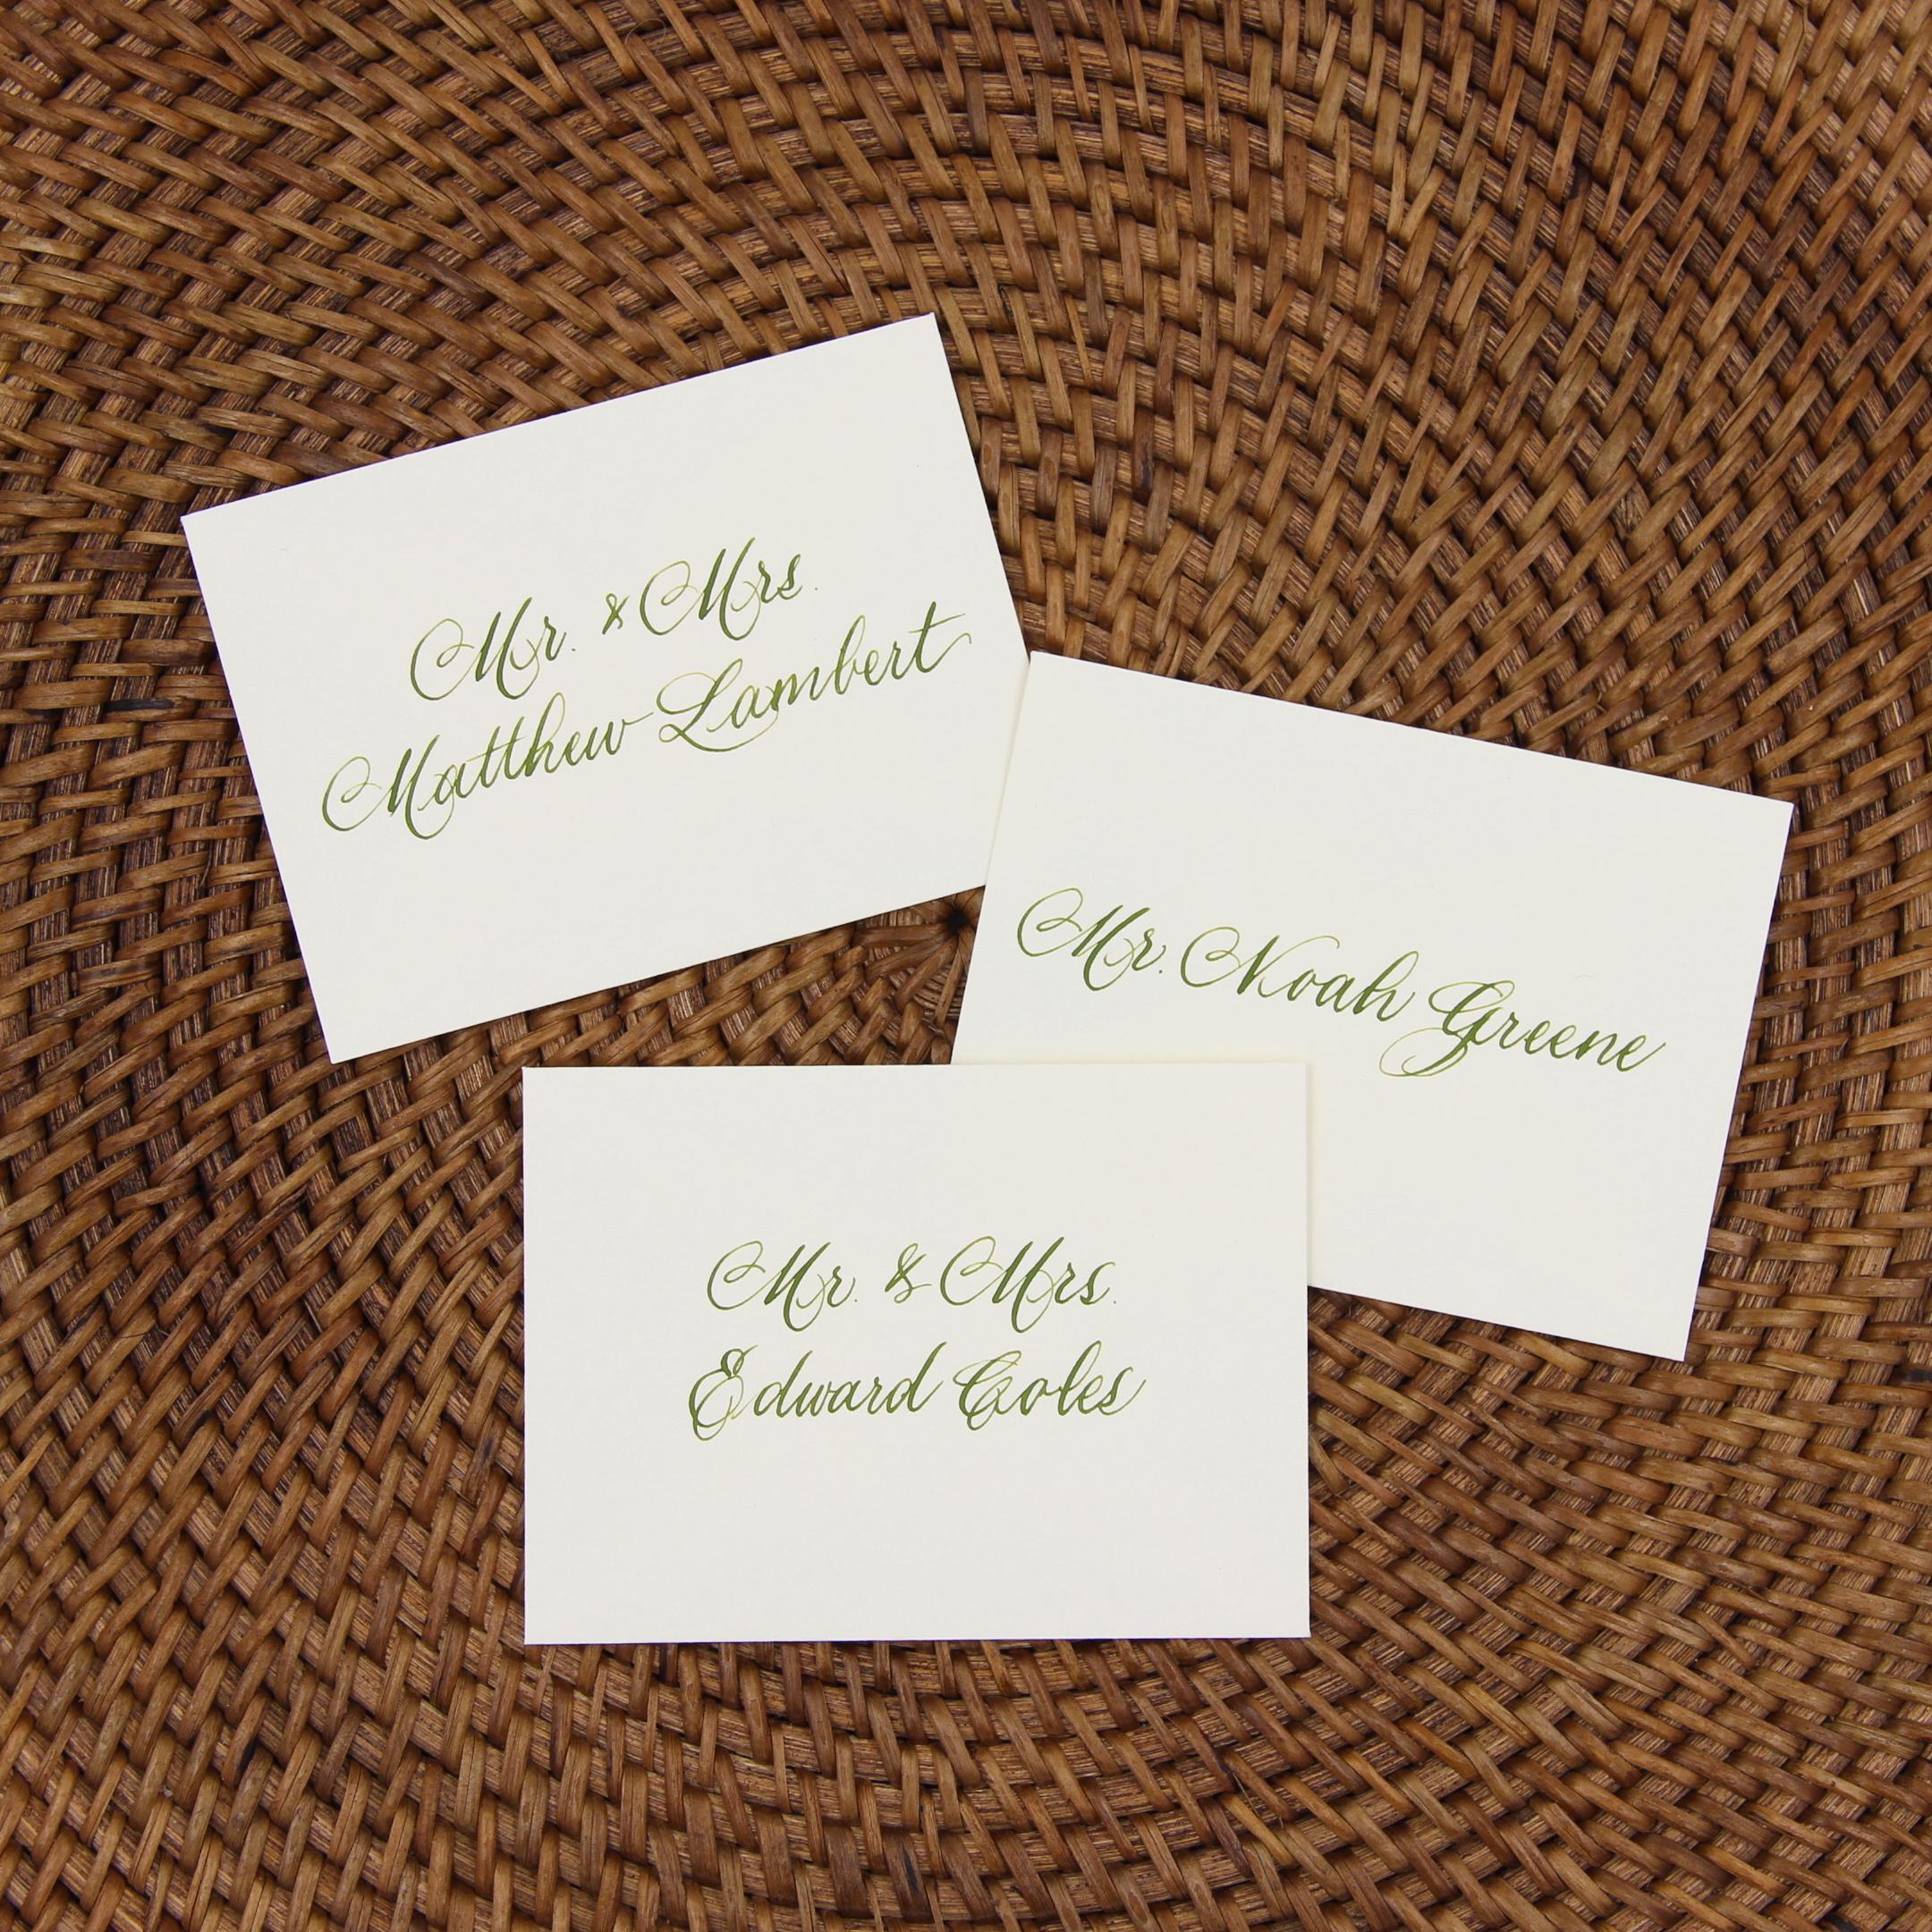 lambert escort cards copy.JPG